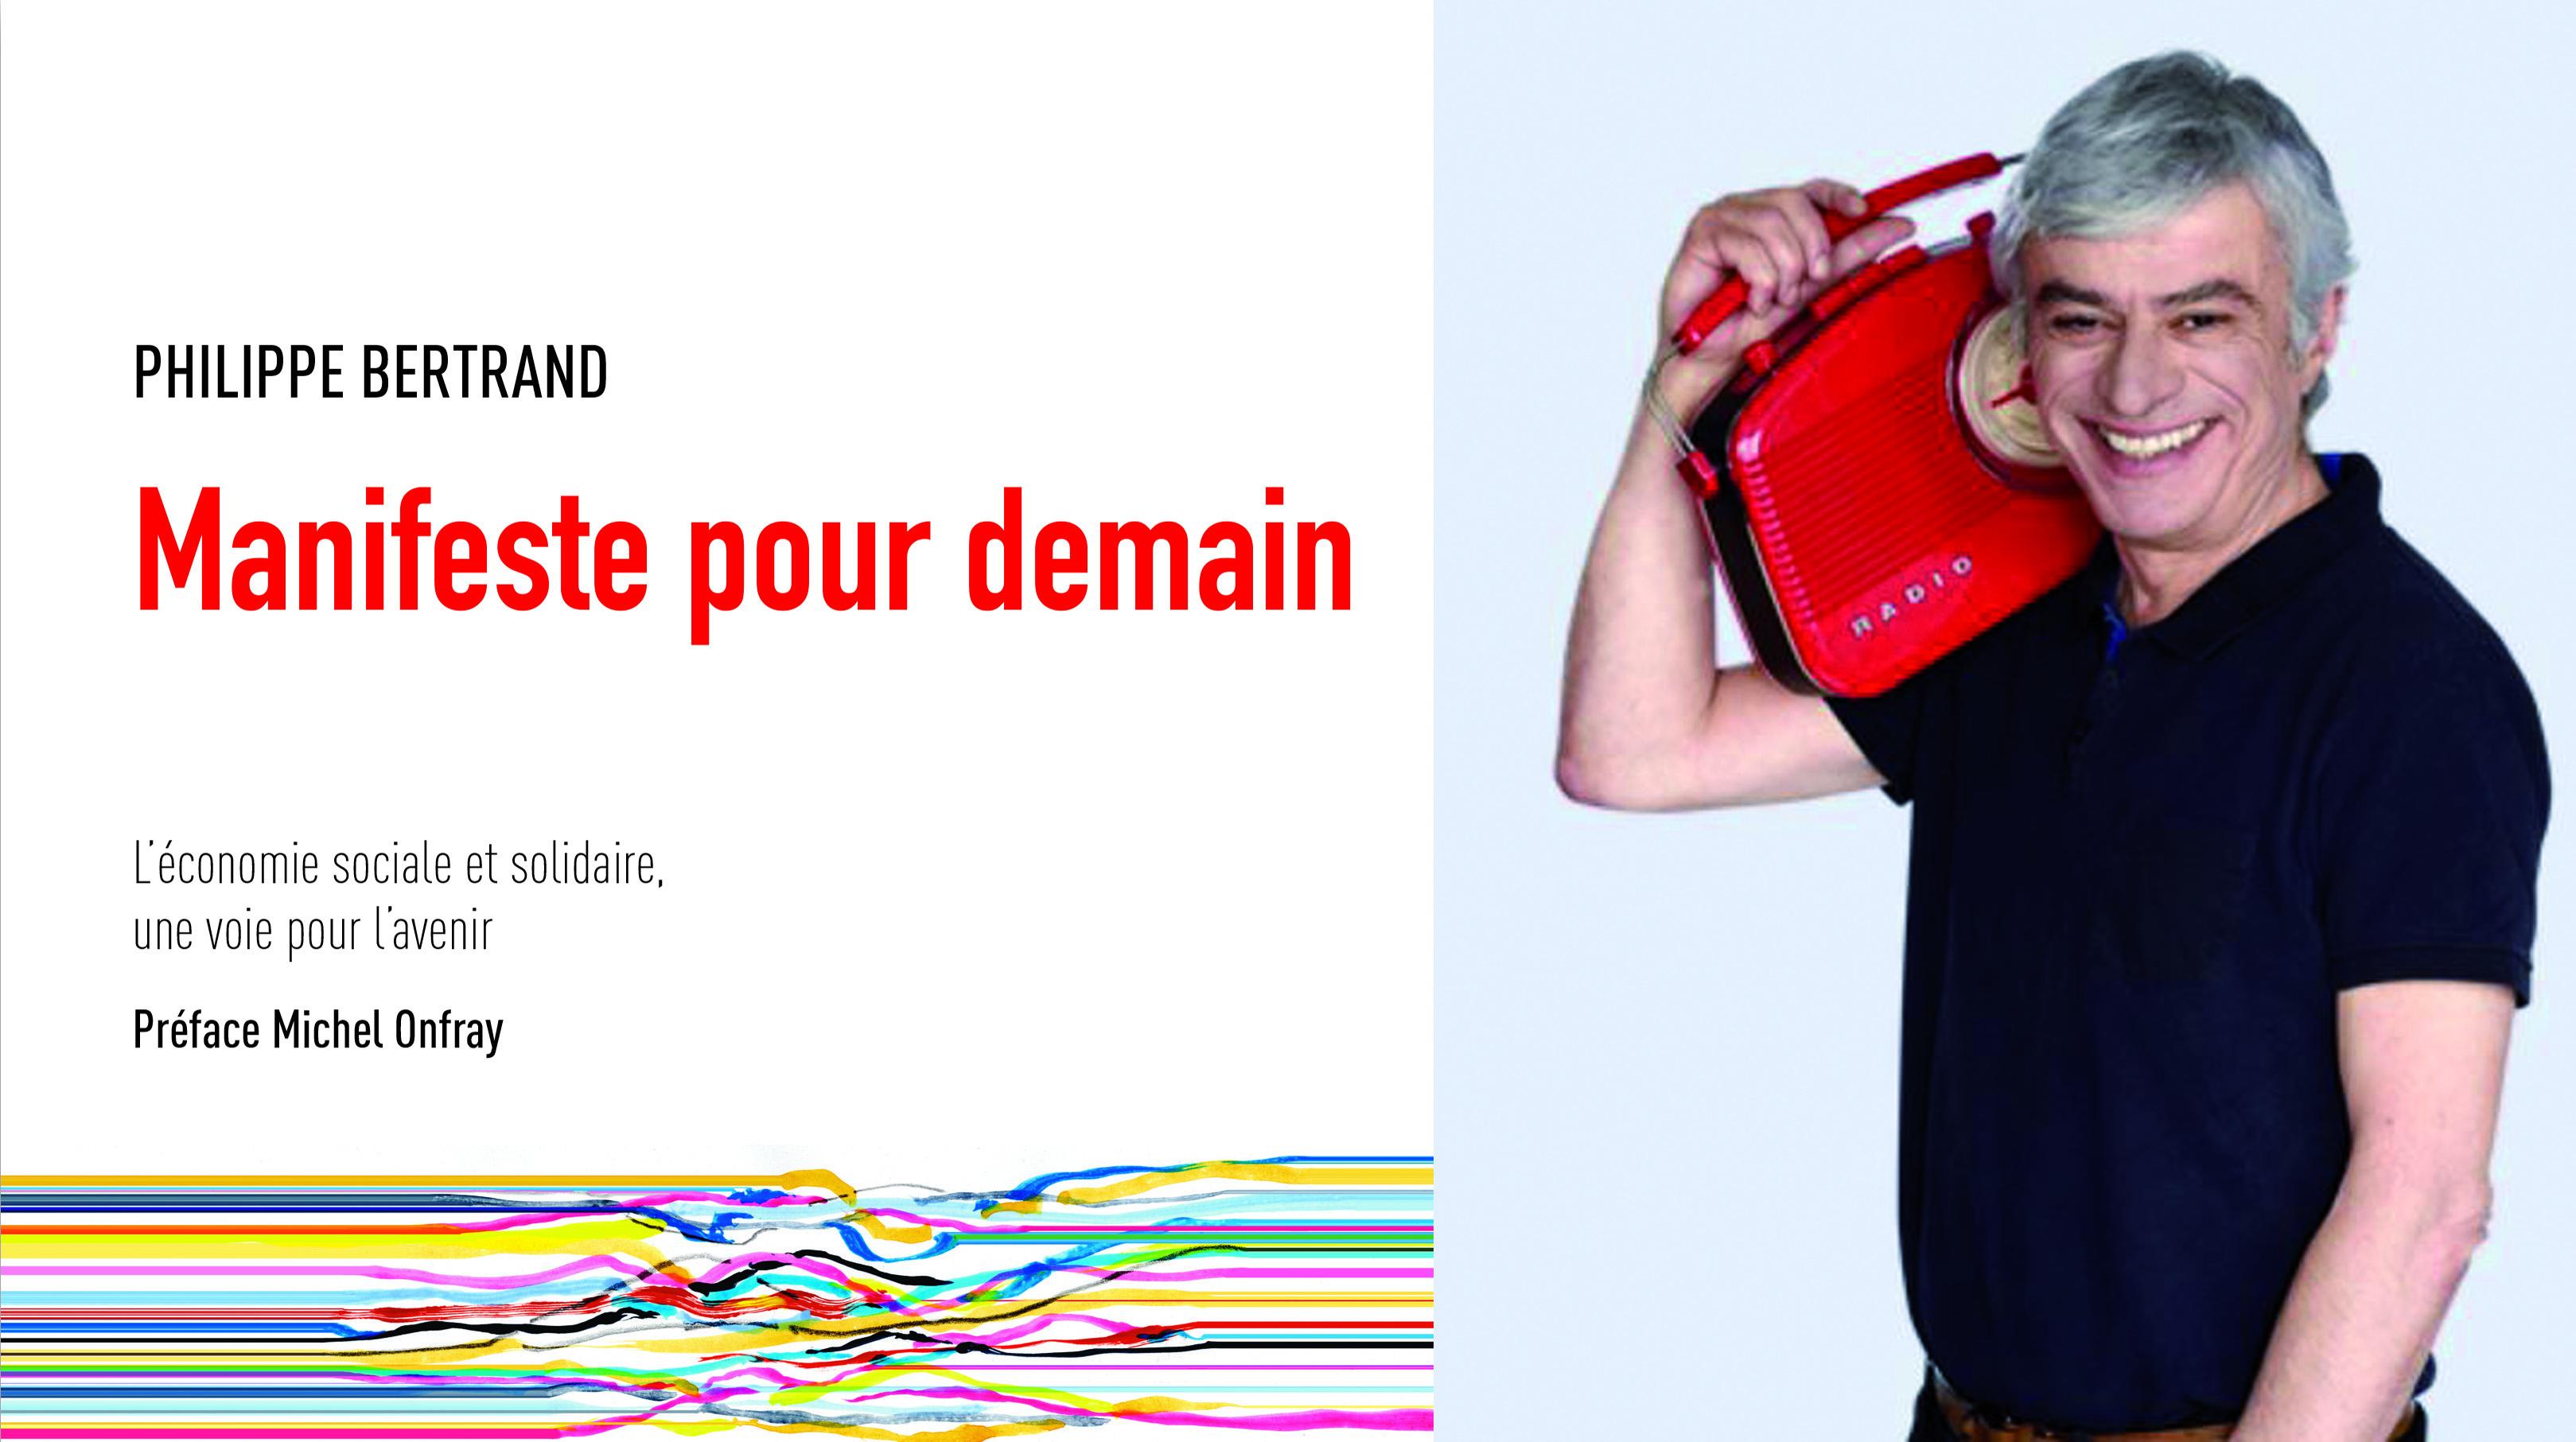 Philippe Bertrand, carnet de campagne, manifeste pour demain, france inter